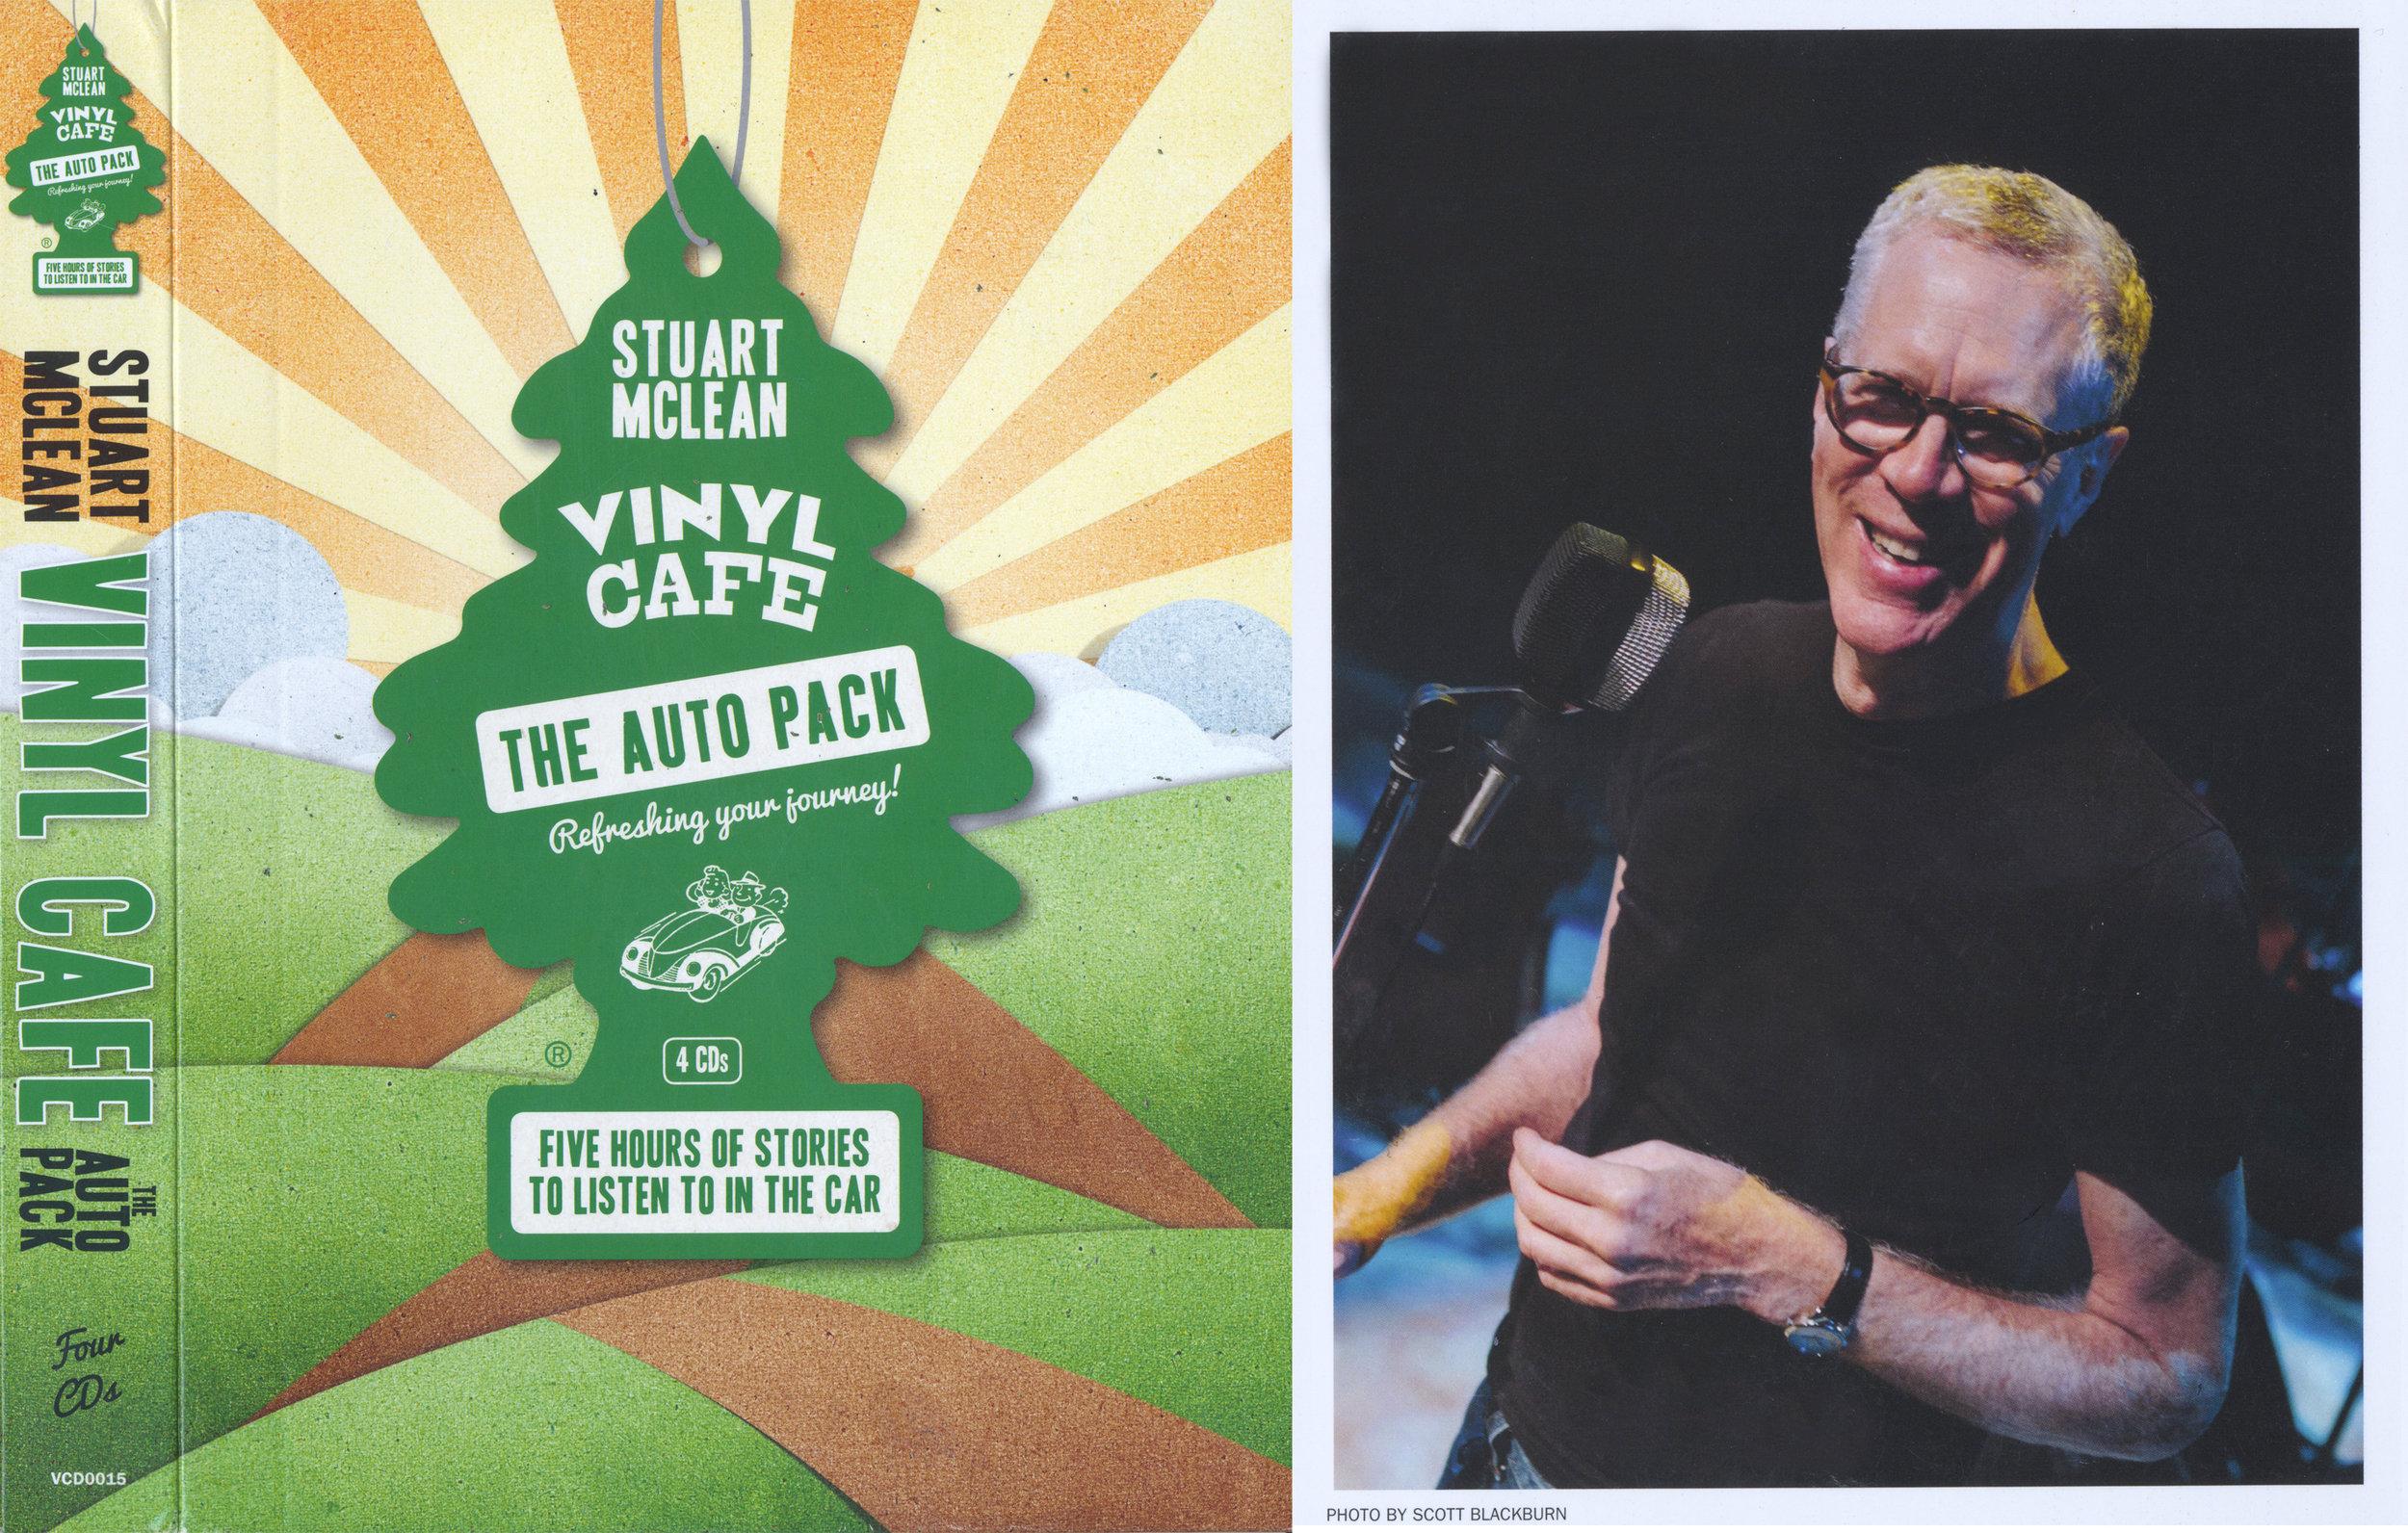 vinylcafebox1 copy 2.jpg